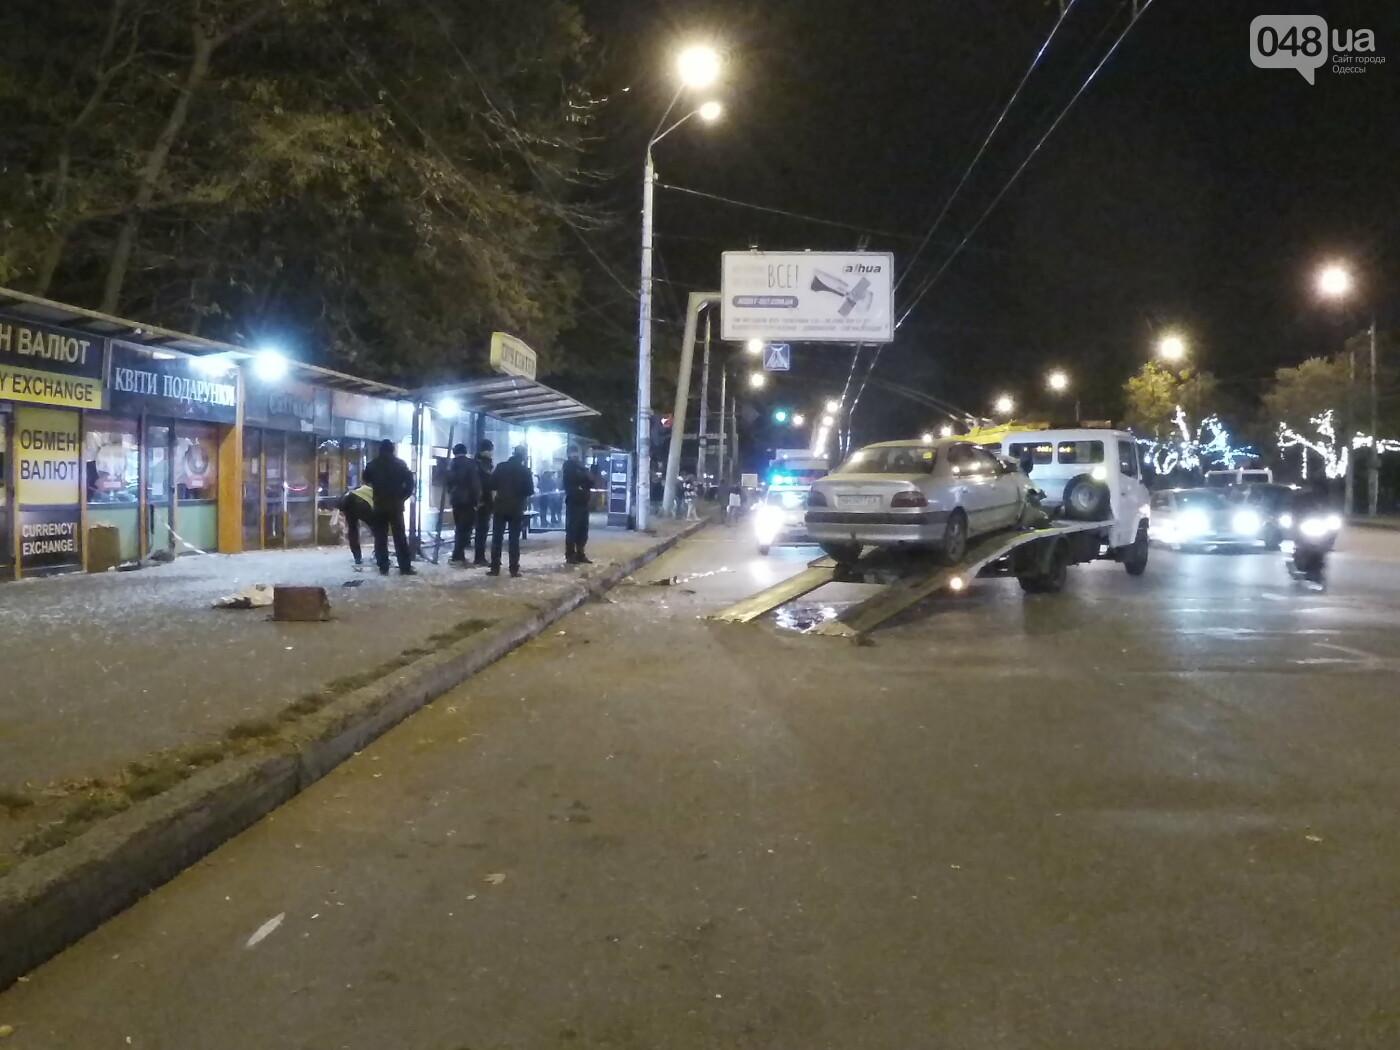 Что известно о резонансном ДТП на остановке в Одессе, - ФОТ..., фото-11